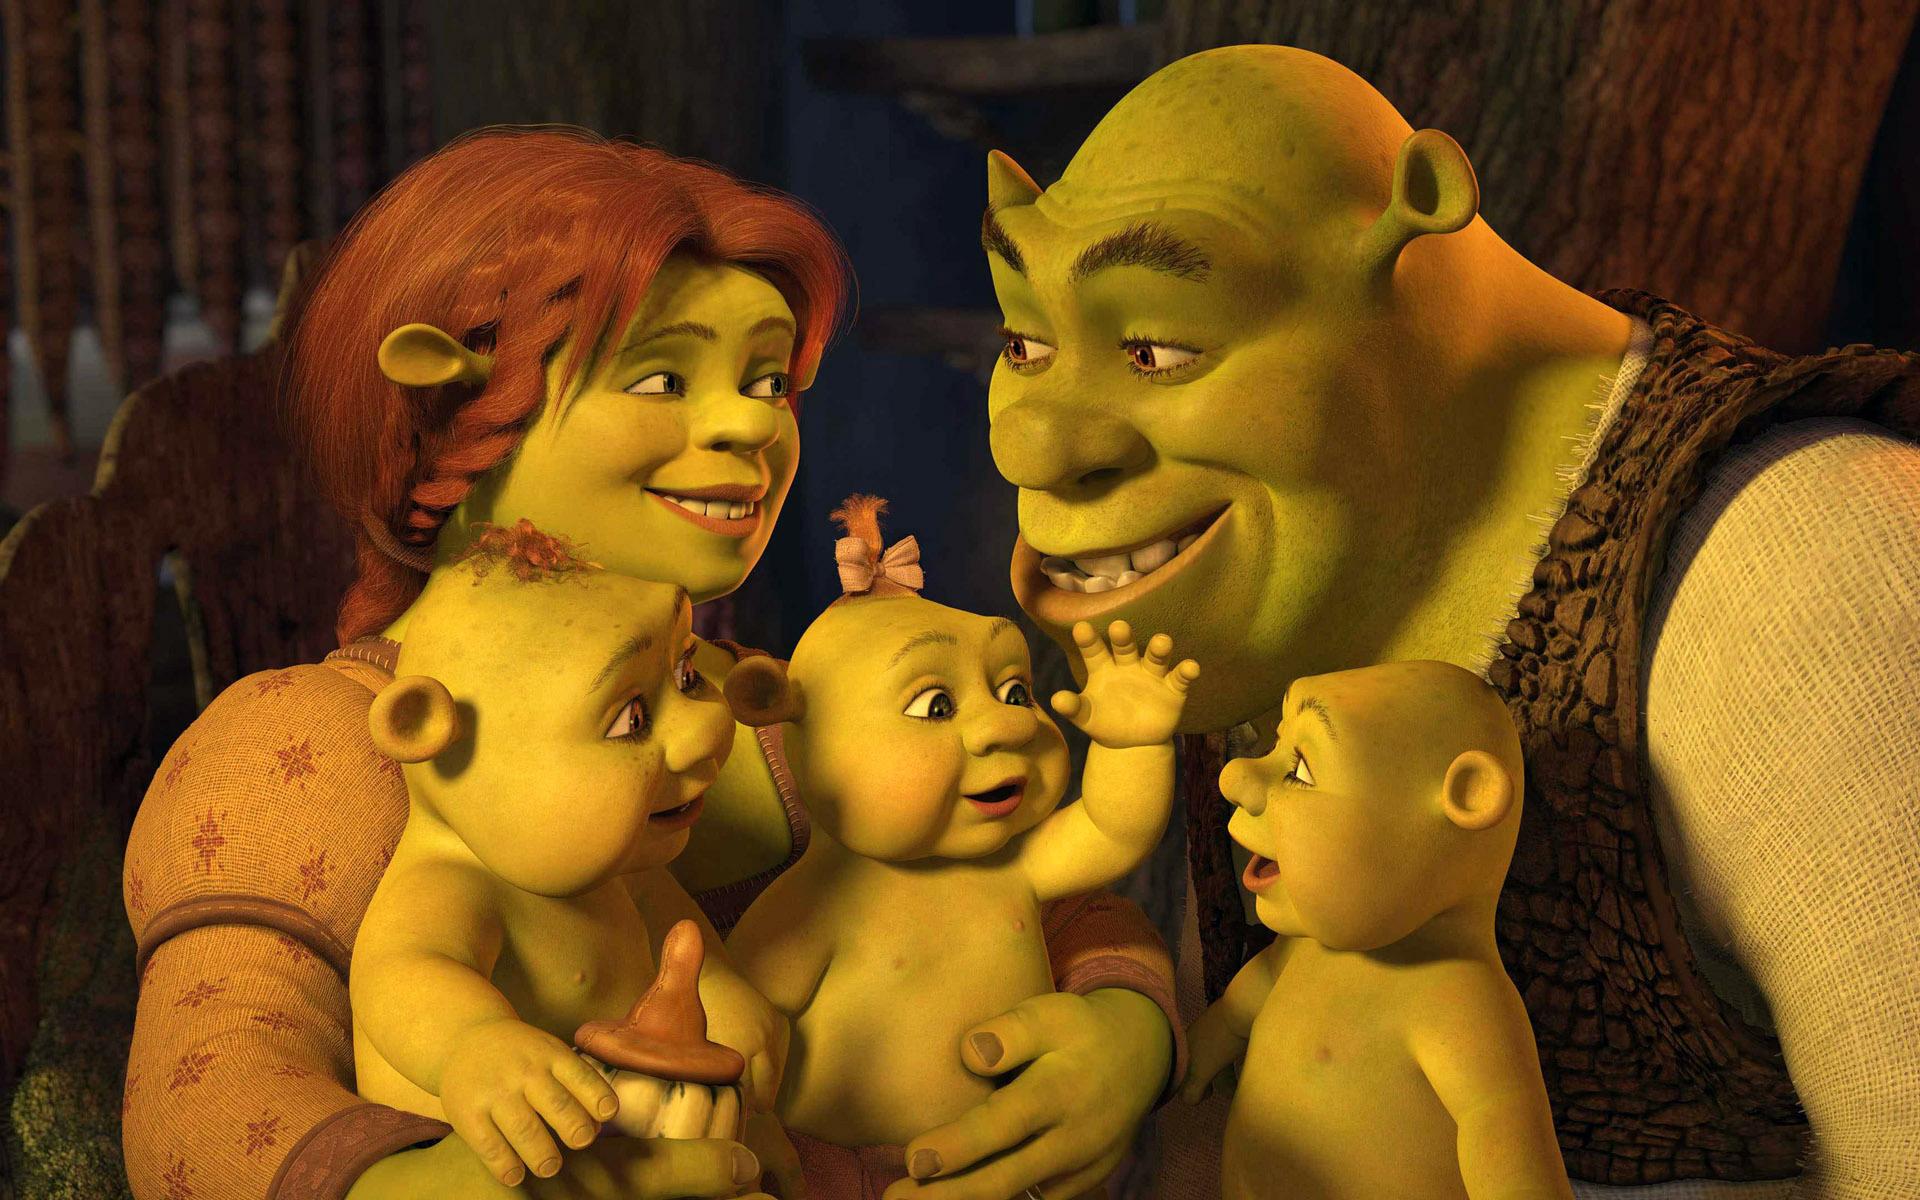 http://static4.wikia.nocookie.net/__cb20100604230802/shrek/images/0/0d/Shrek_family.jpg